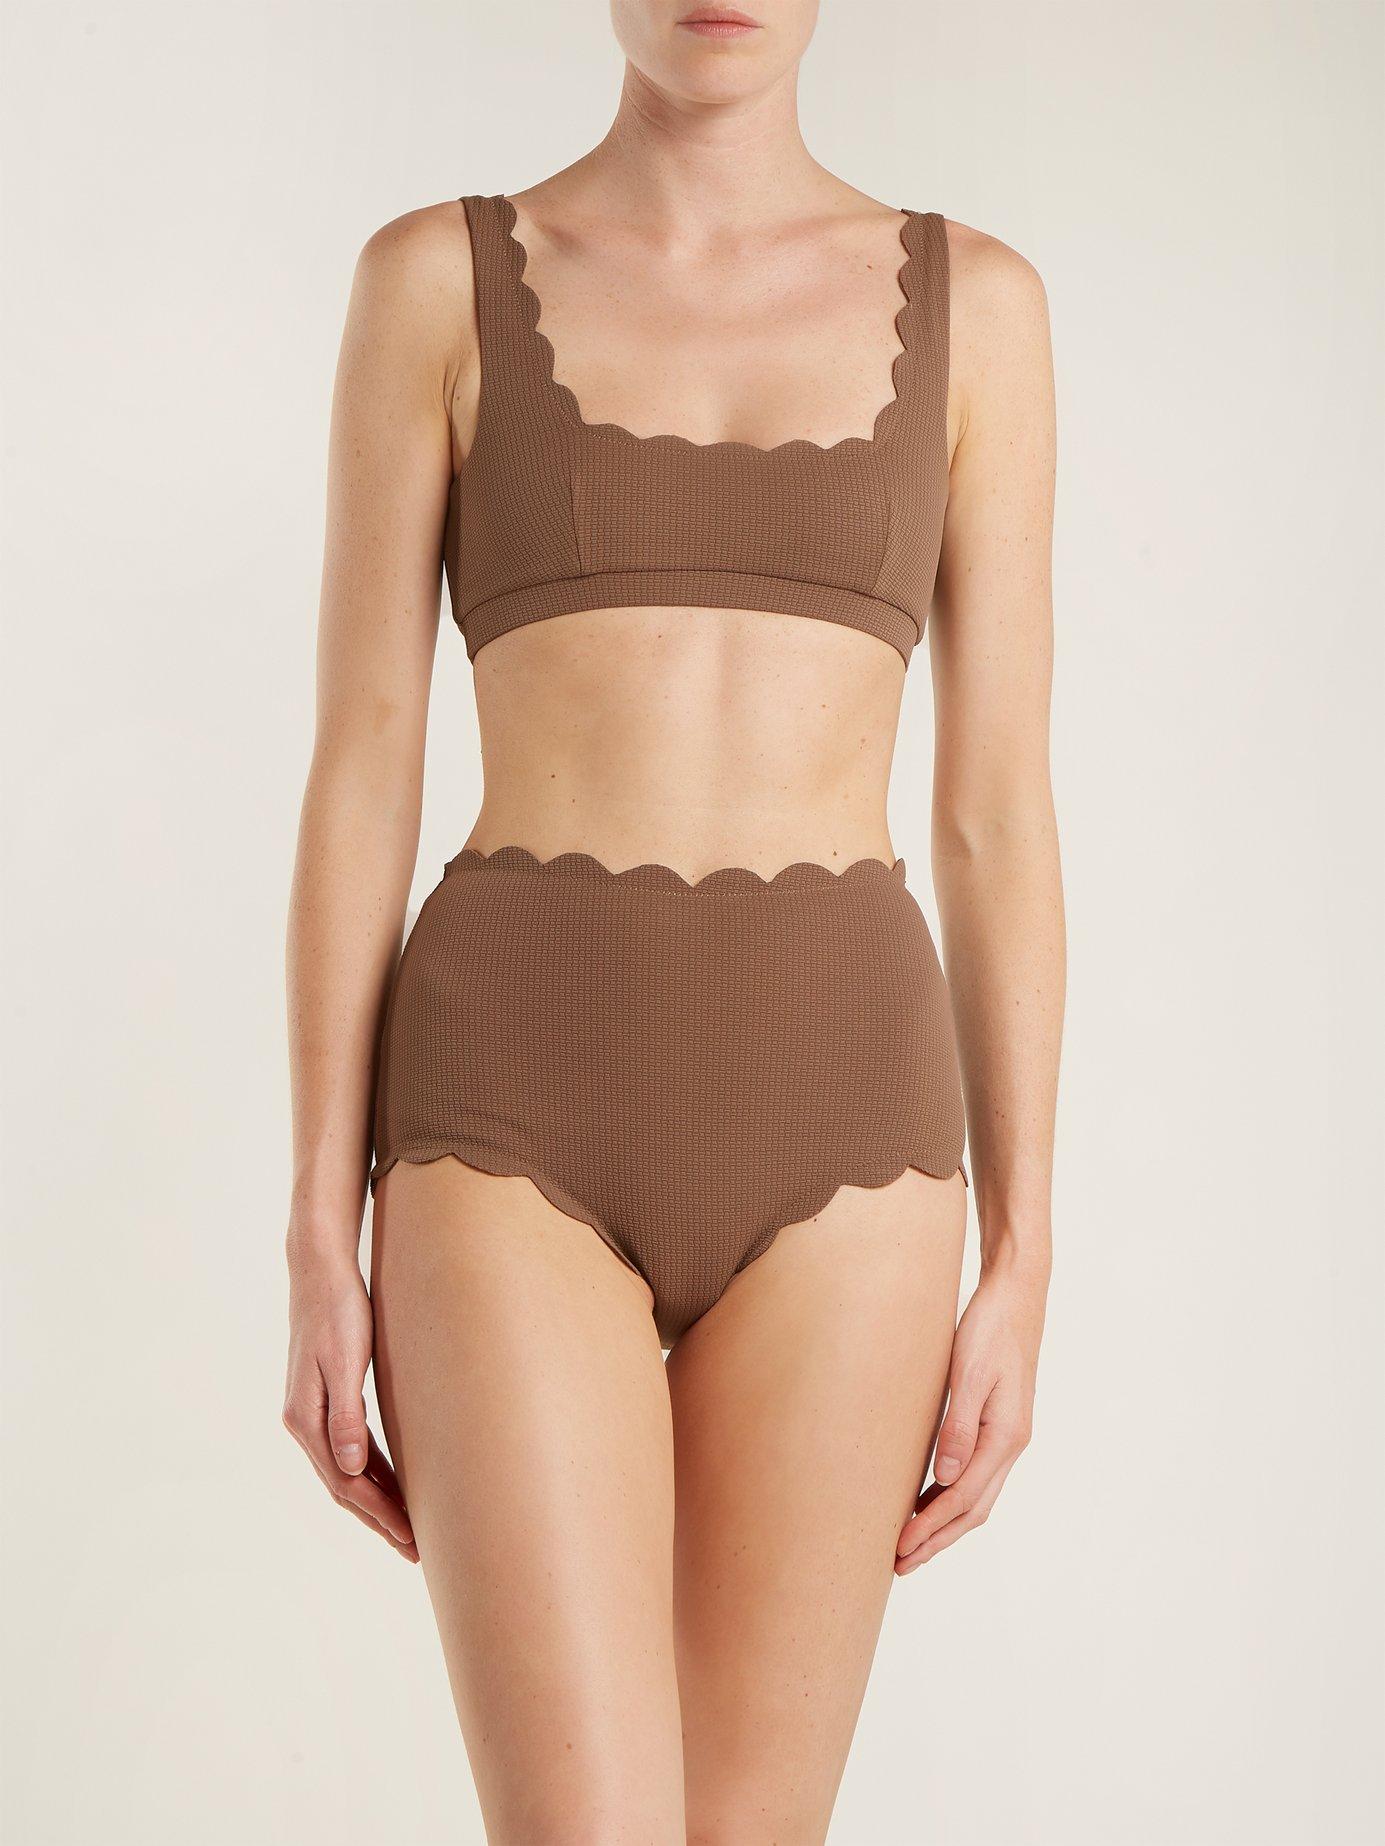 Mini Palm Springs scallop-edged bikini top by Marysia